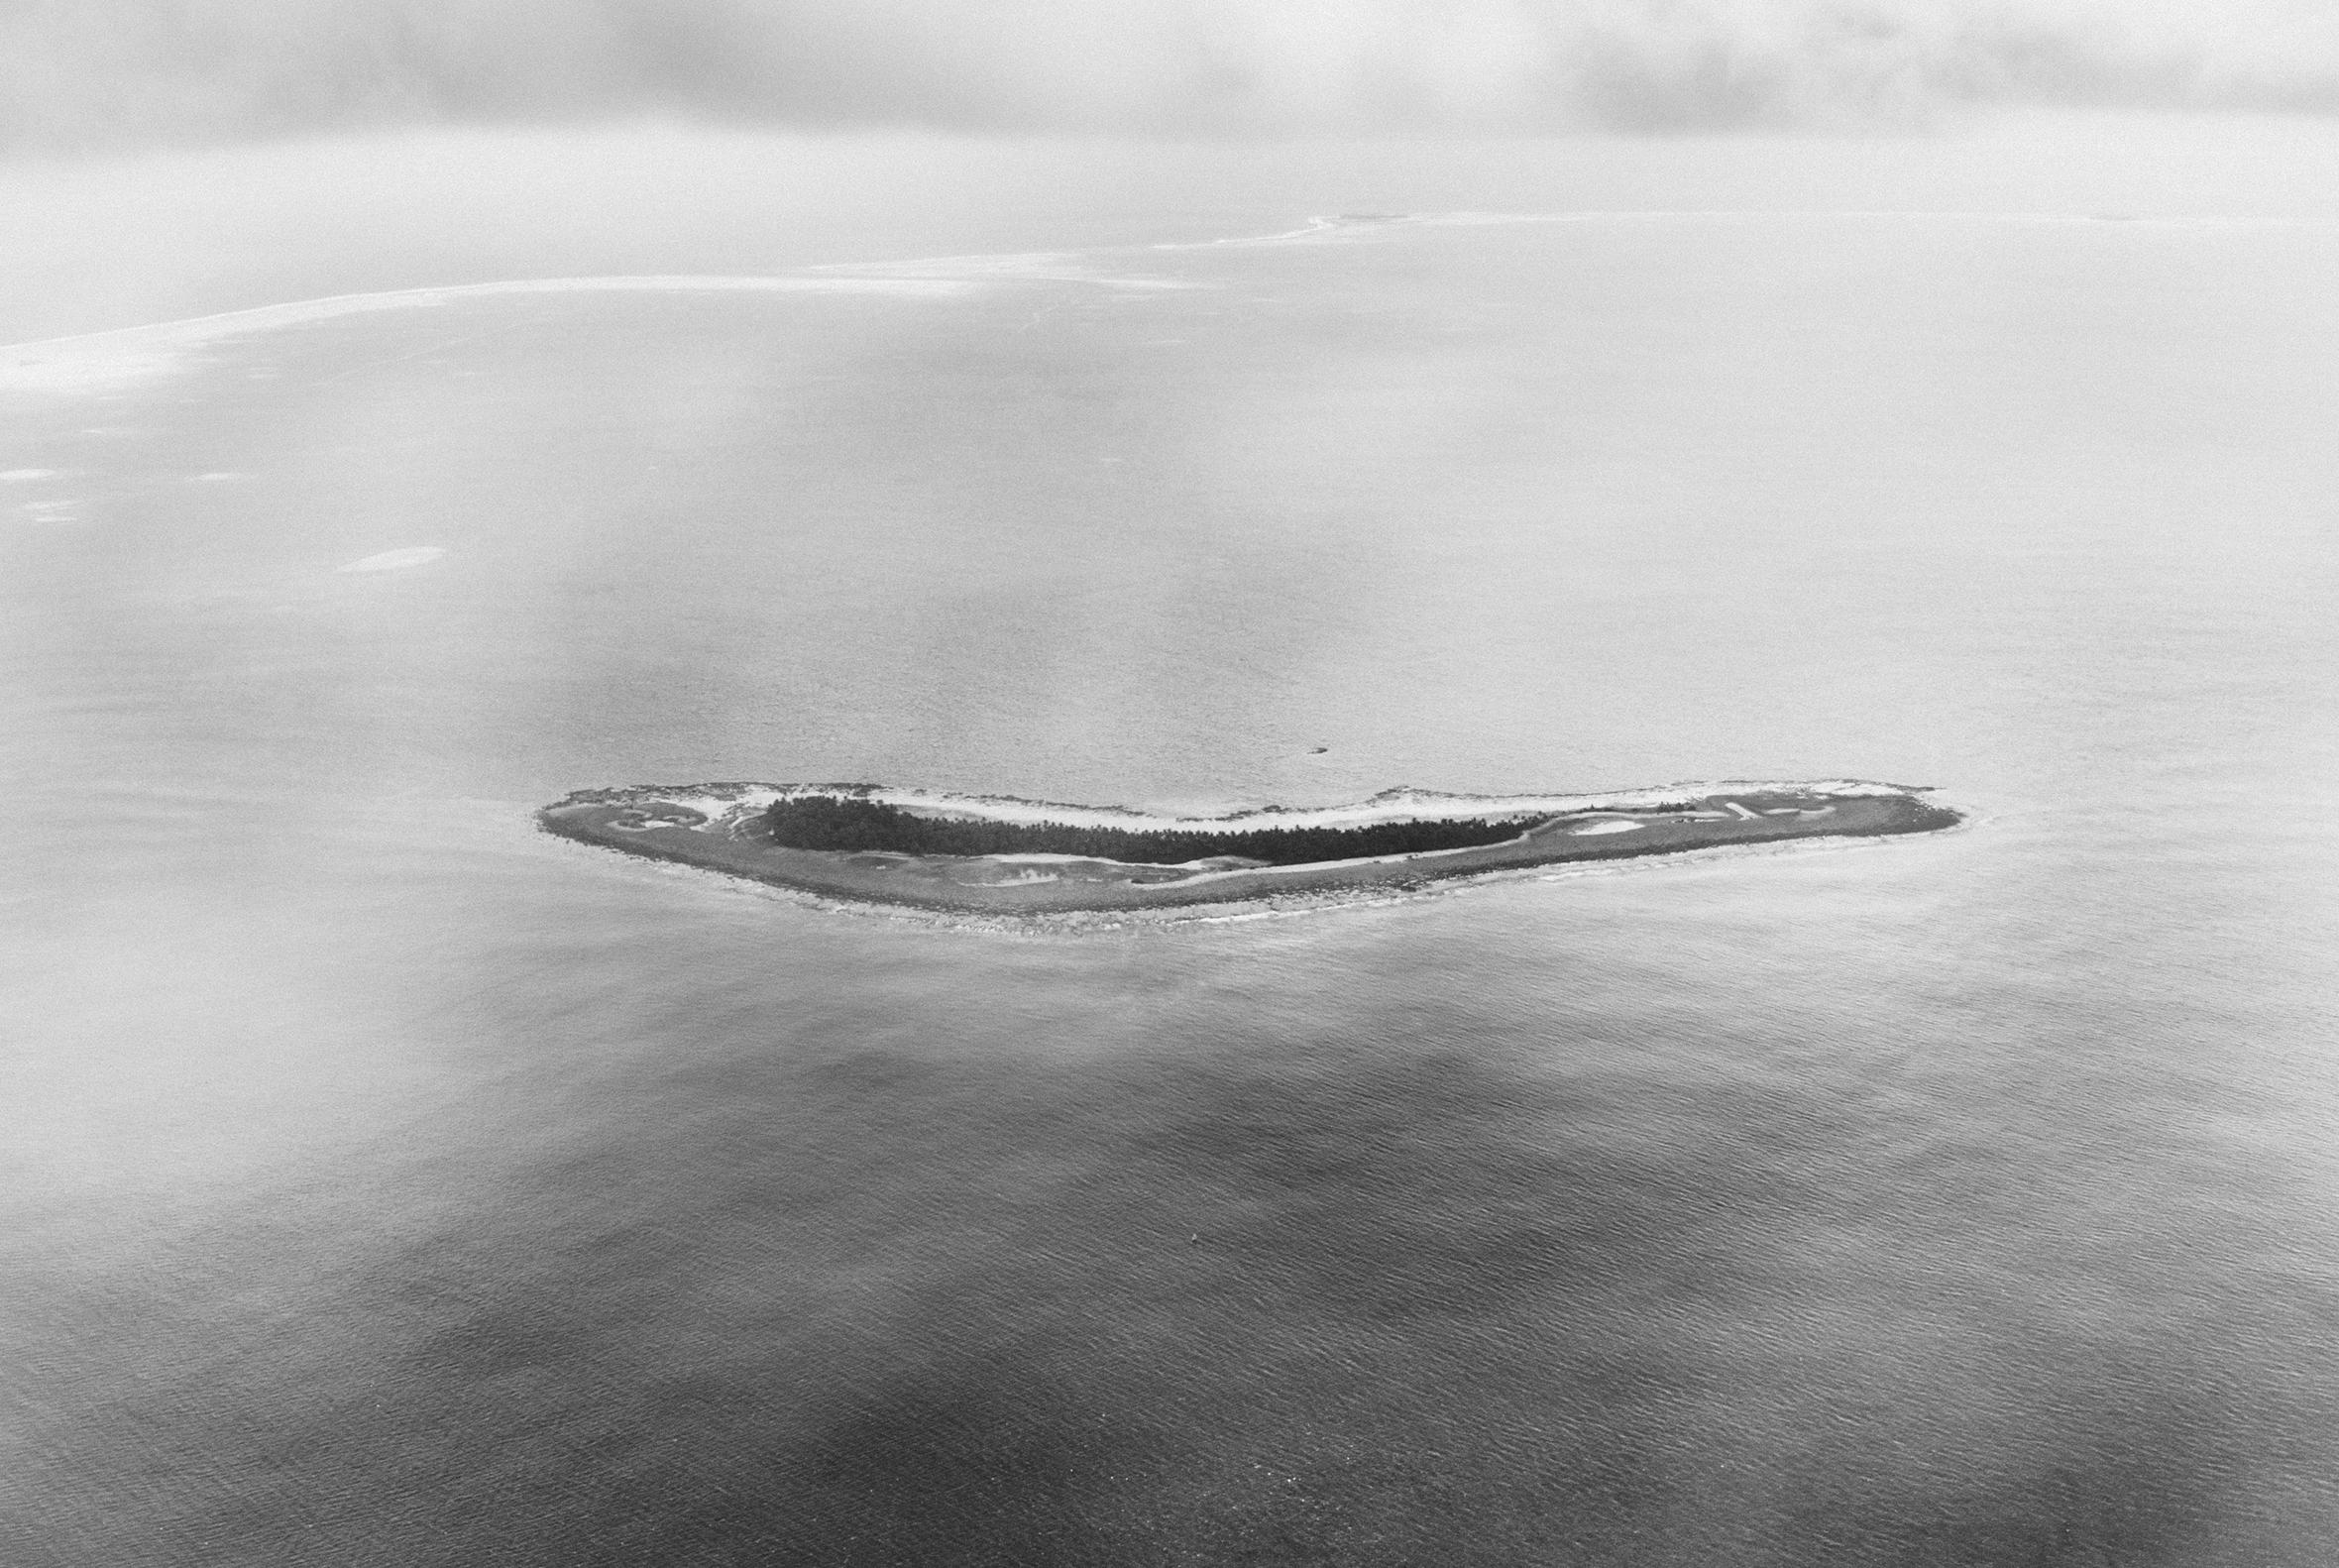 540 - Woodward - Tuvalu